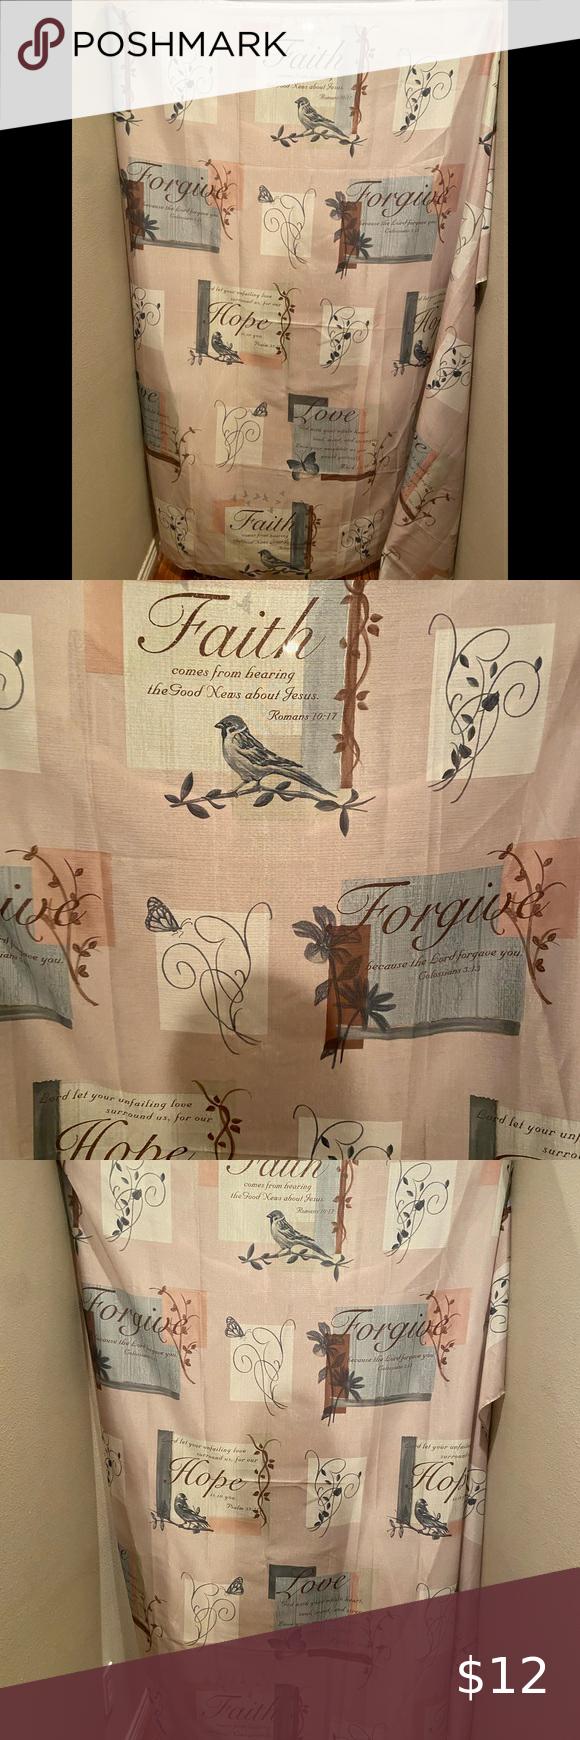 faith love hope forgive polyester